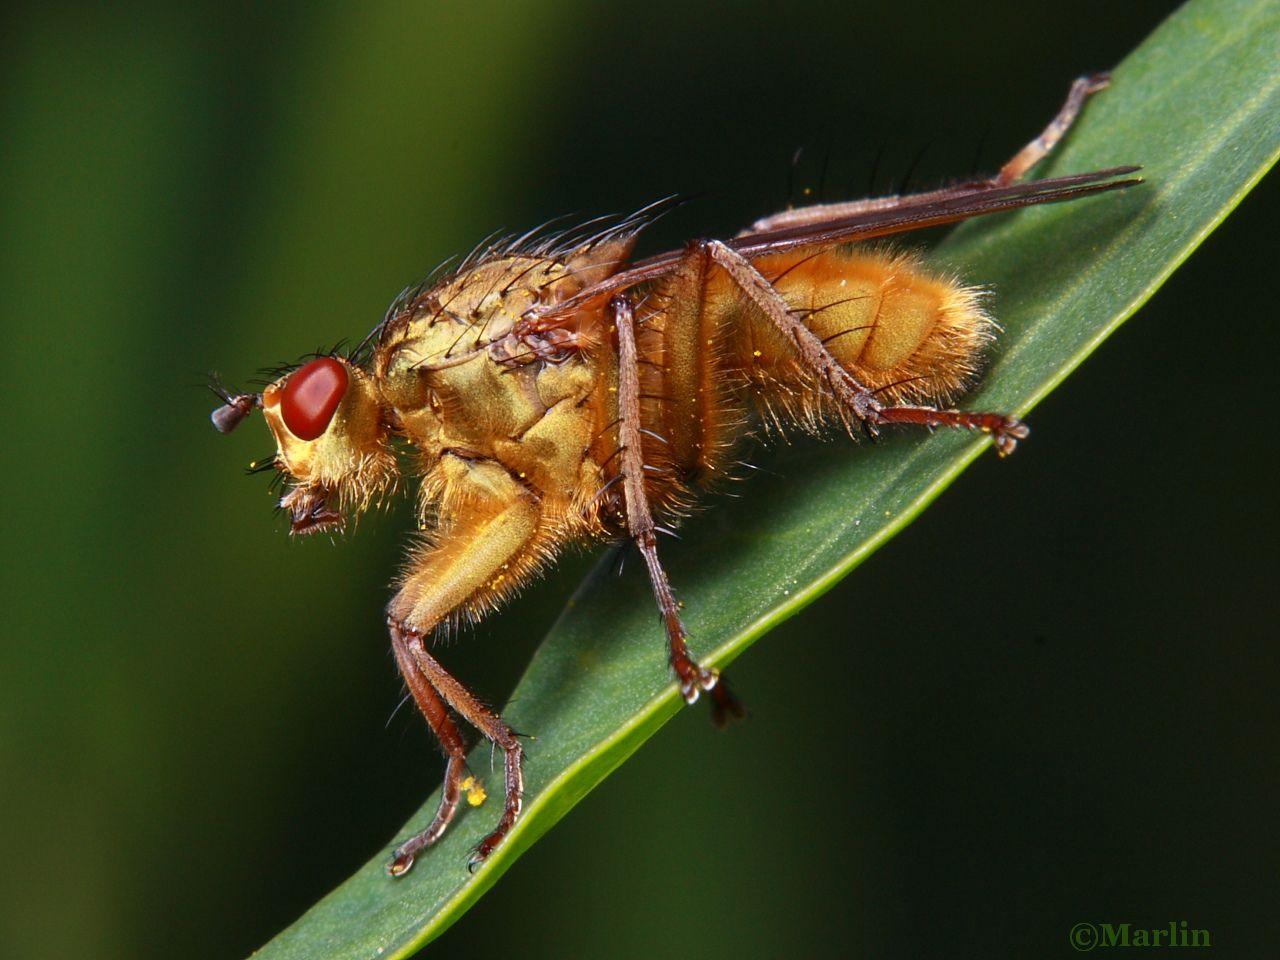 Golden Dung Fly, Scathophaga stercoraria